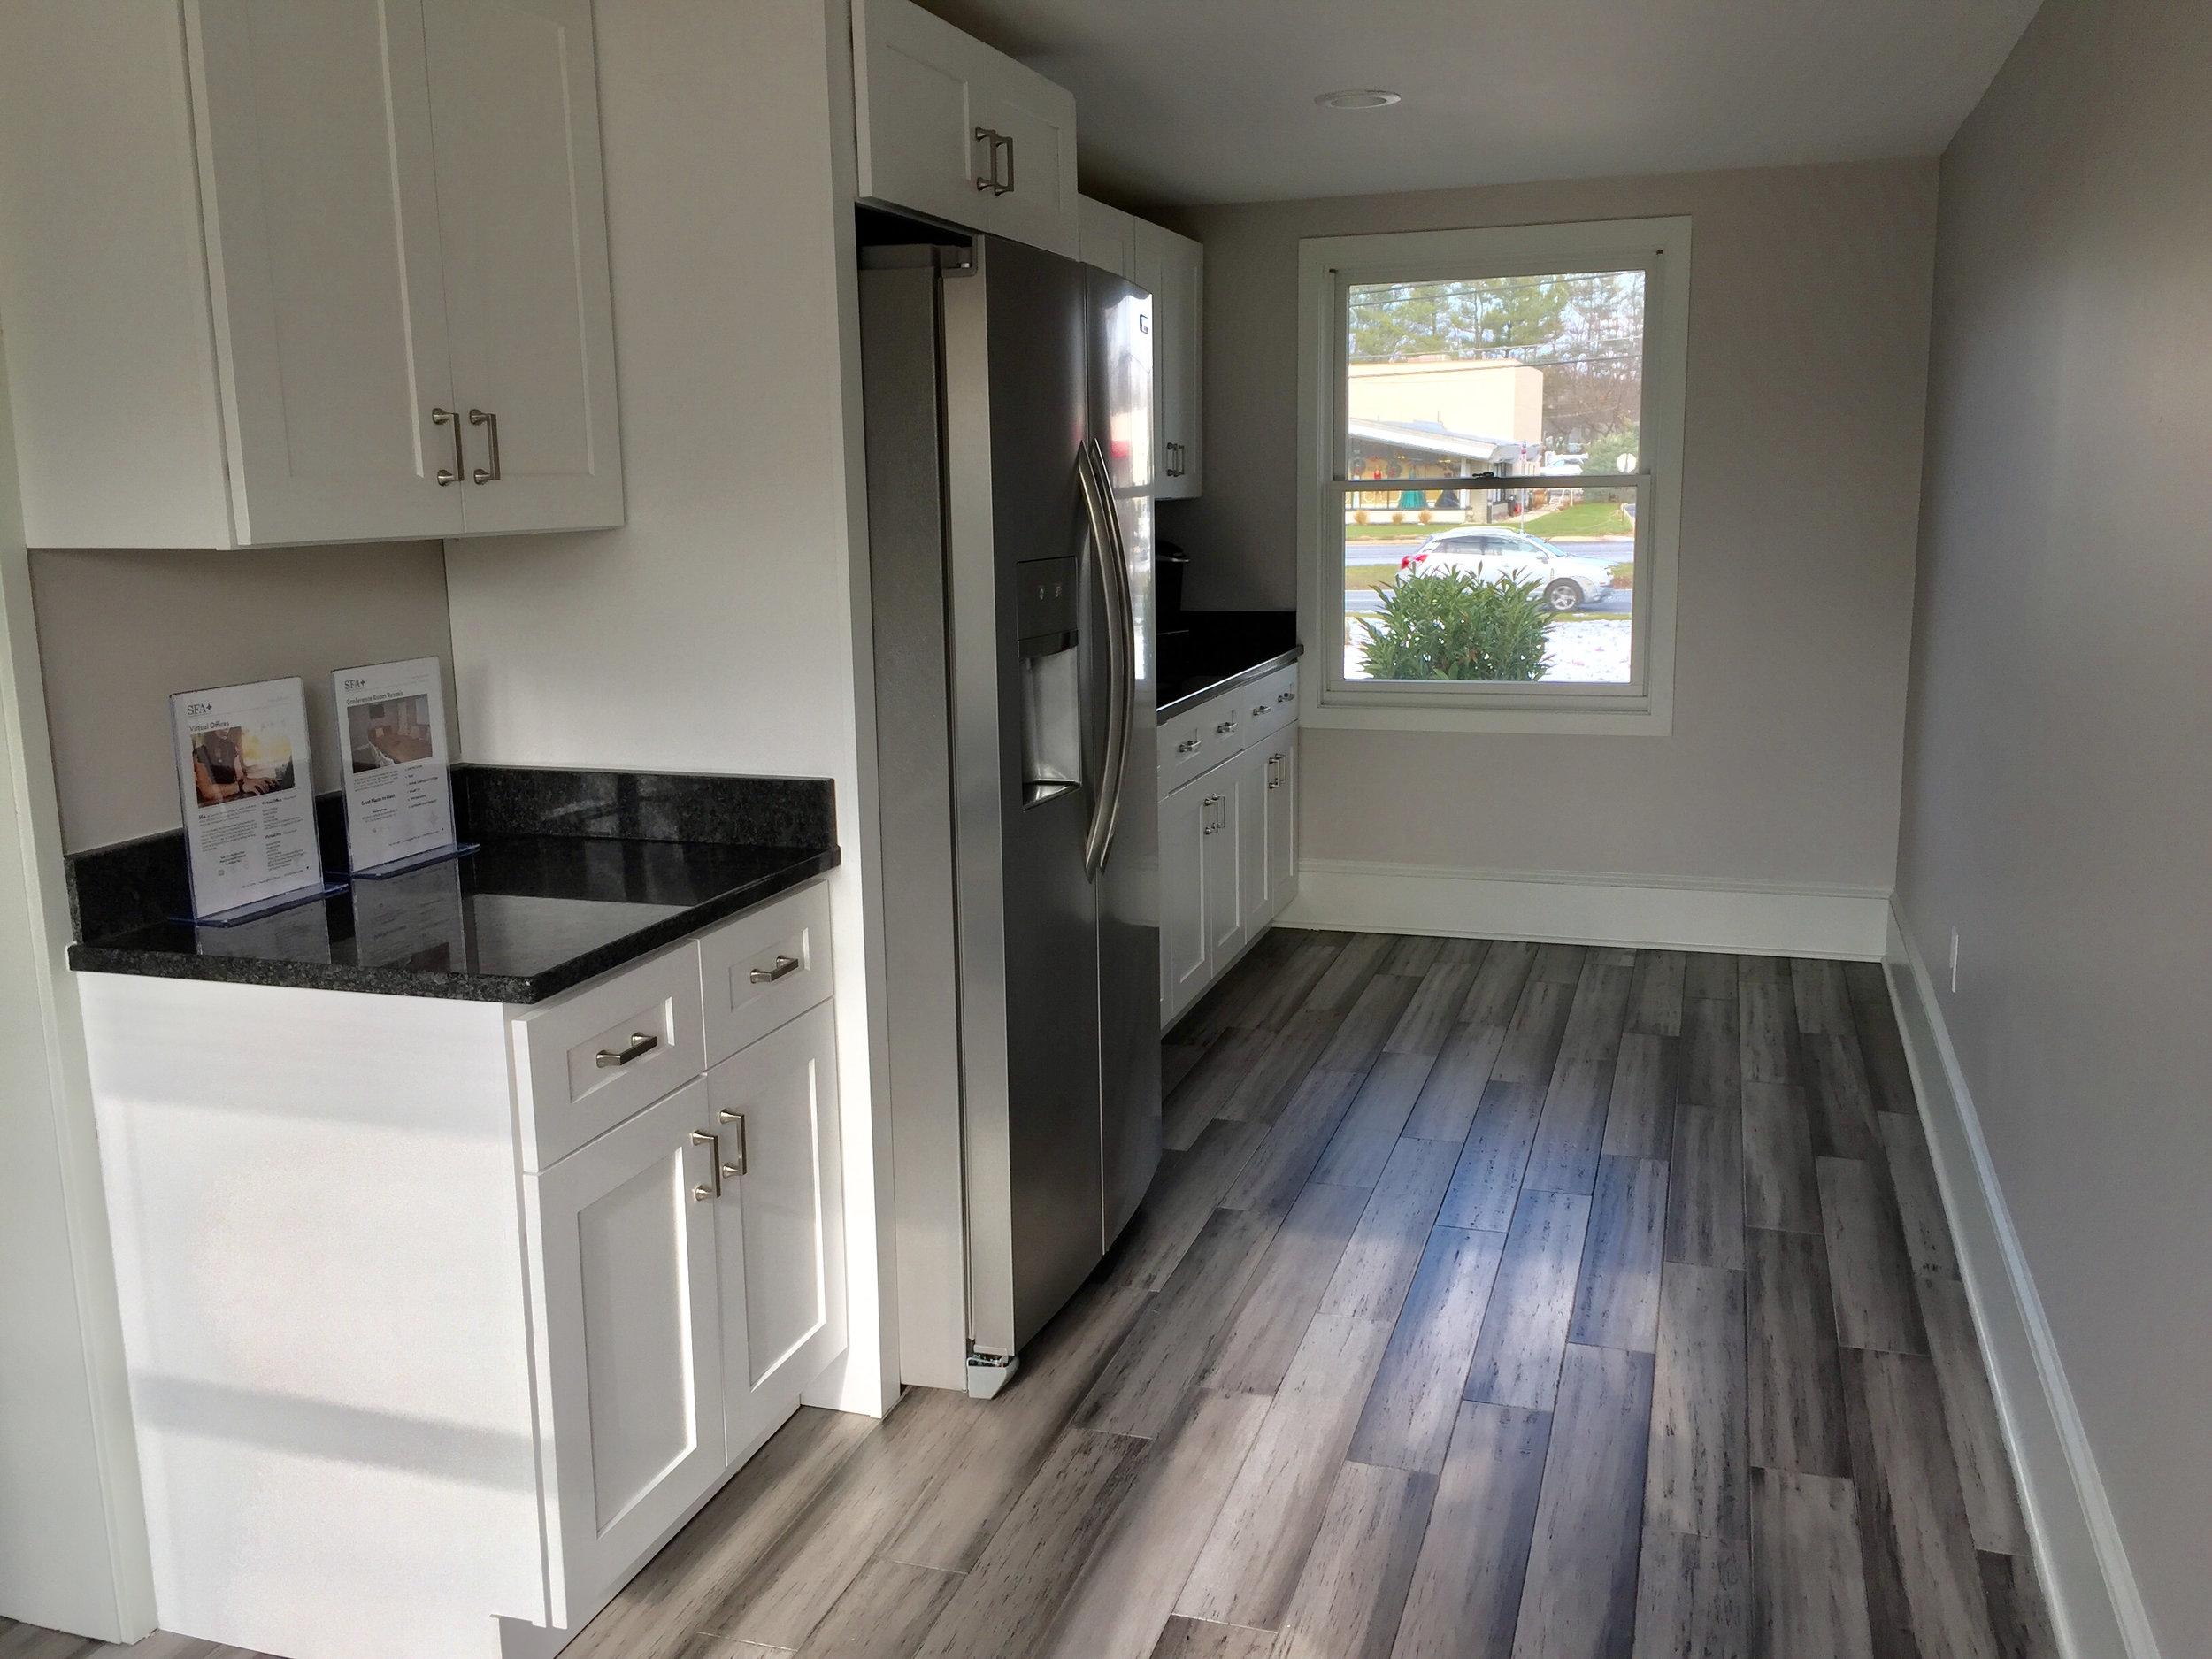 403-kitchen.jpg